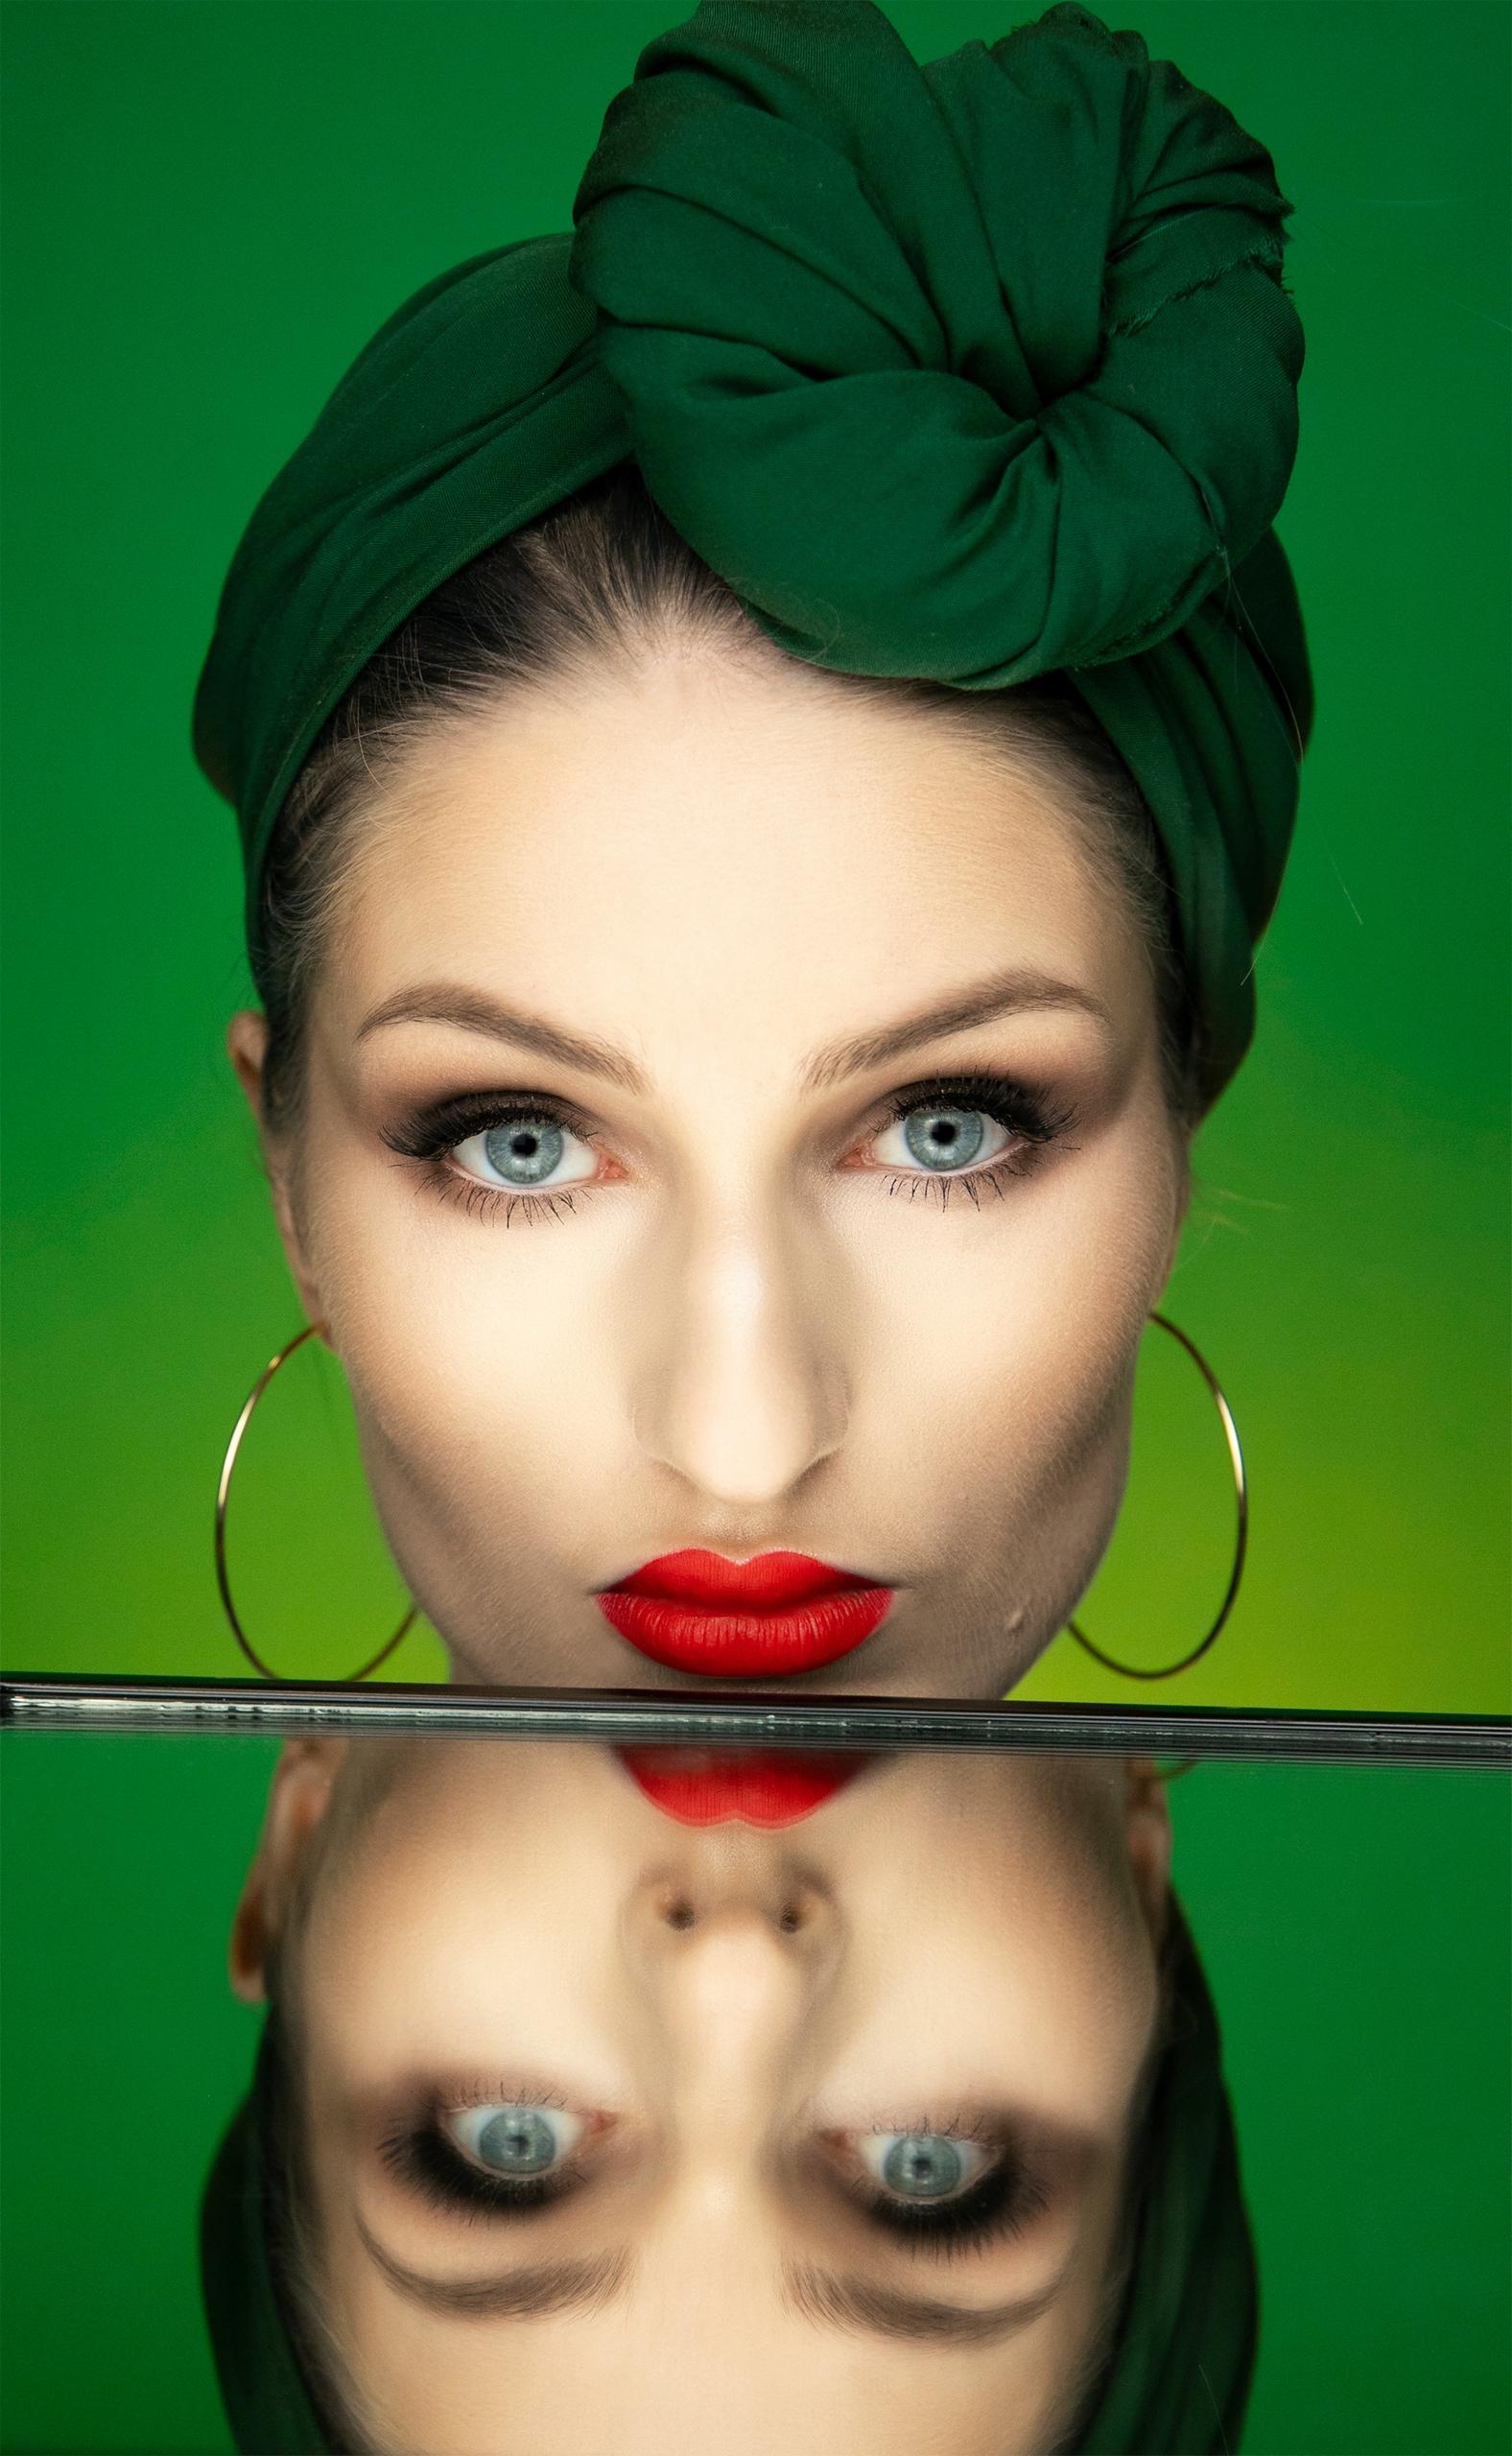 Zdjęcie przedstawia portret kobiety w zielonej chustce na głowie. Kobieca twarz z czerwonymi ustami odbija się w lustrze.